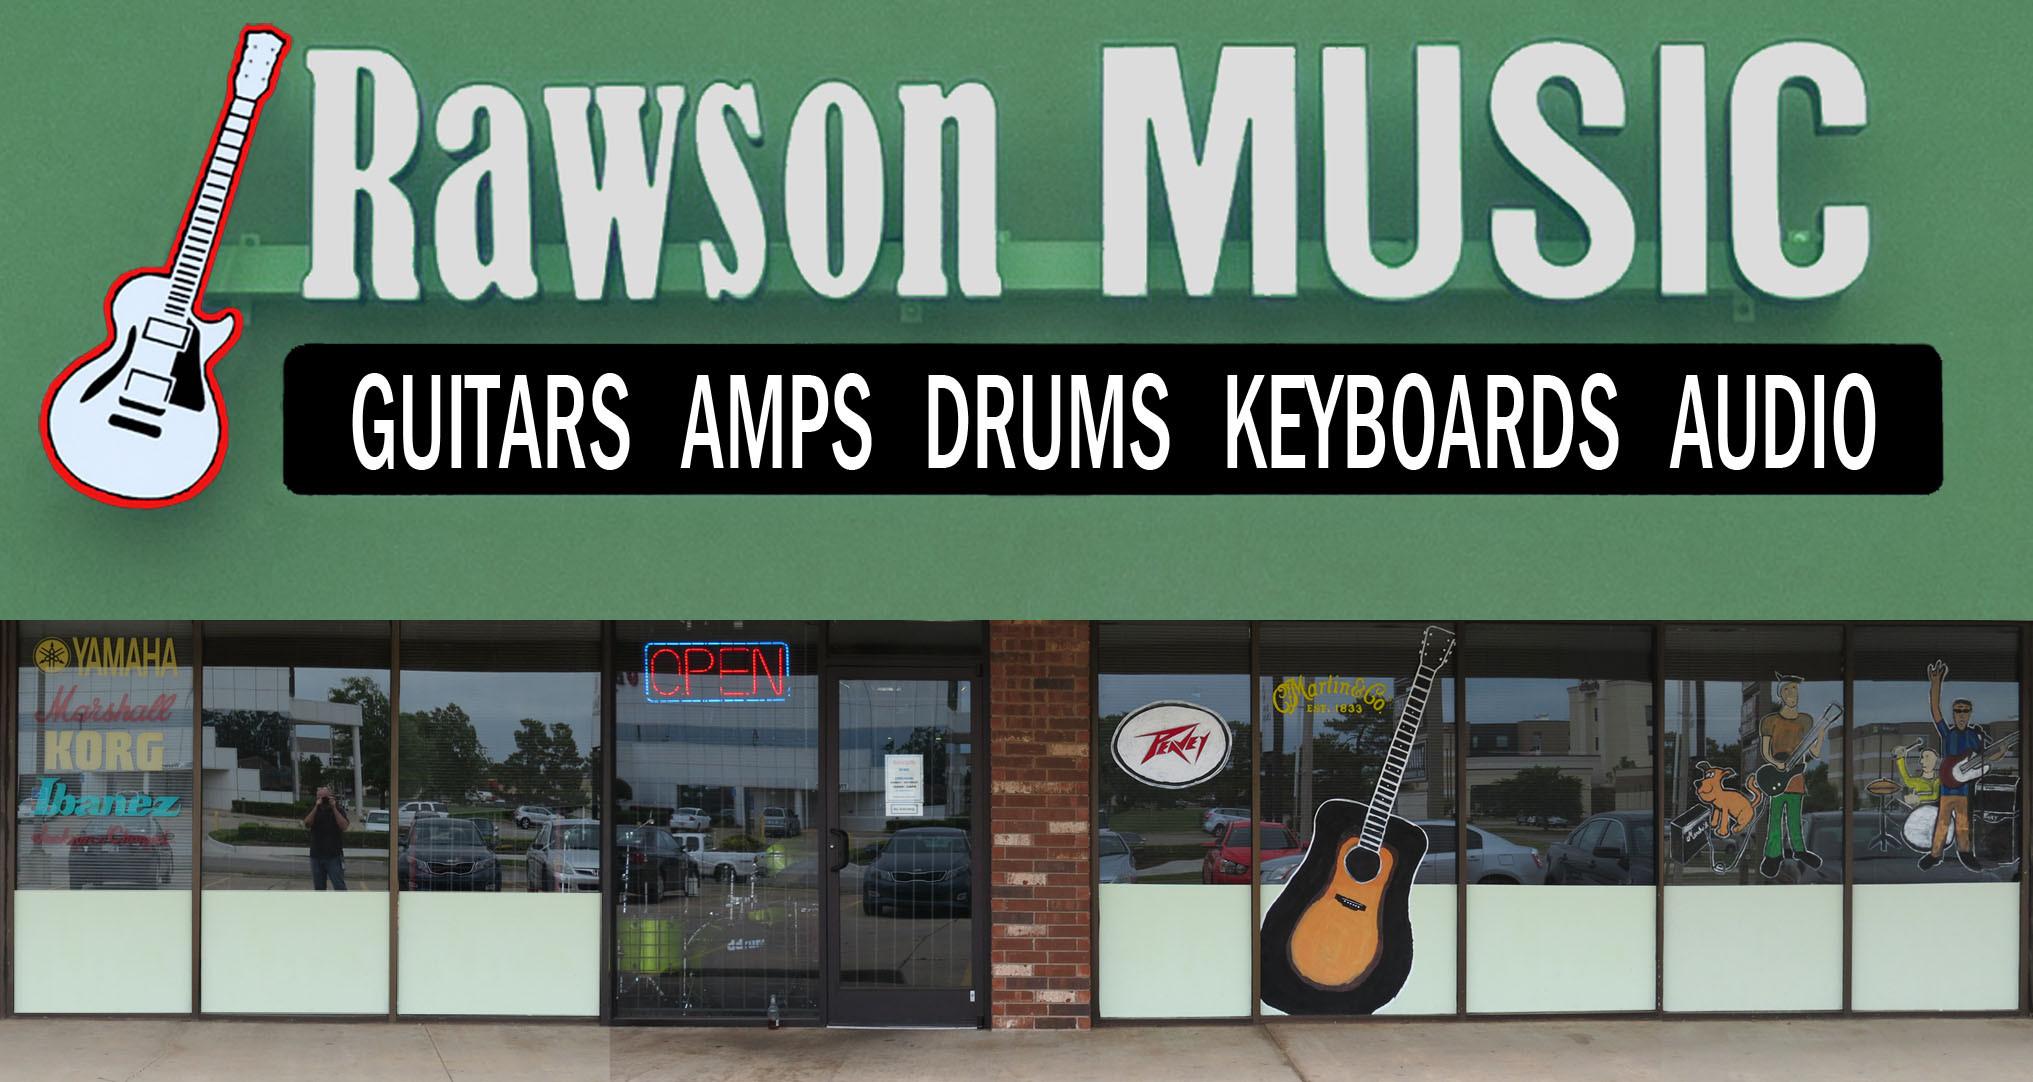 Rawson Music & Guitar Store| Oklahoma City OKC